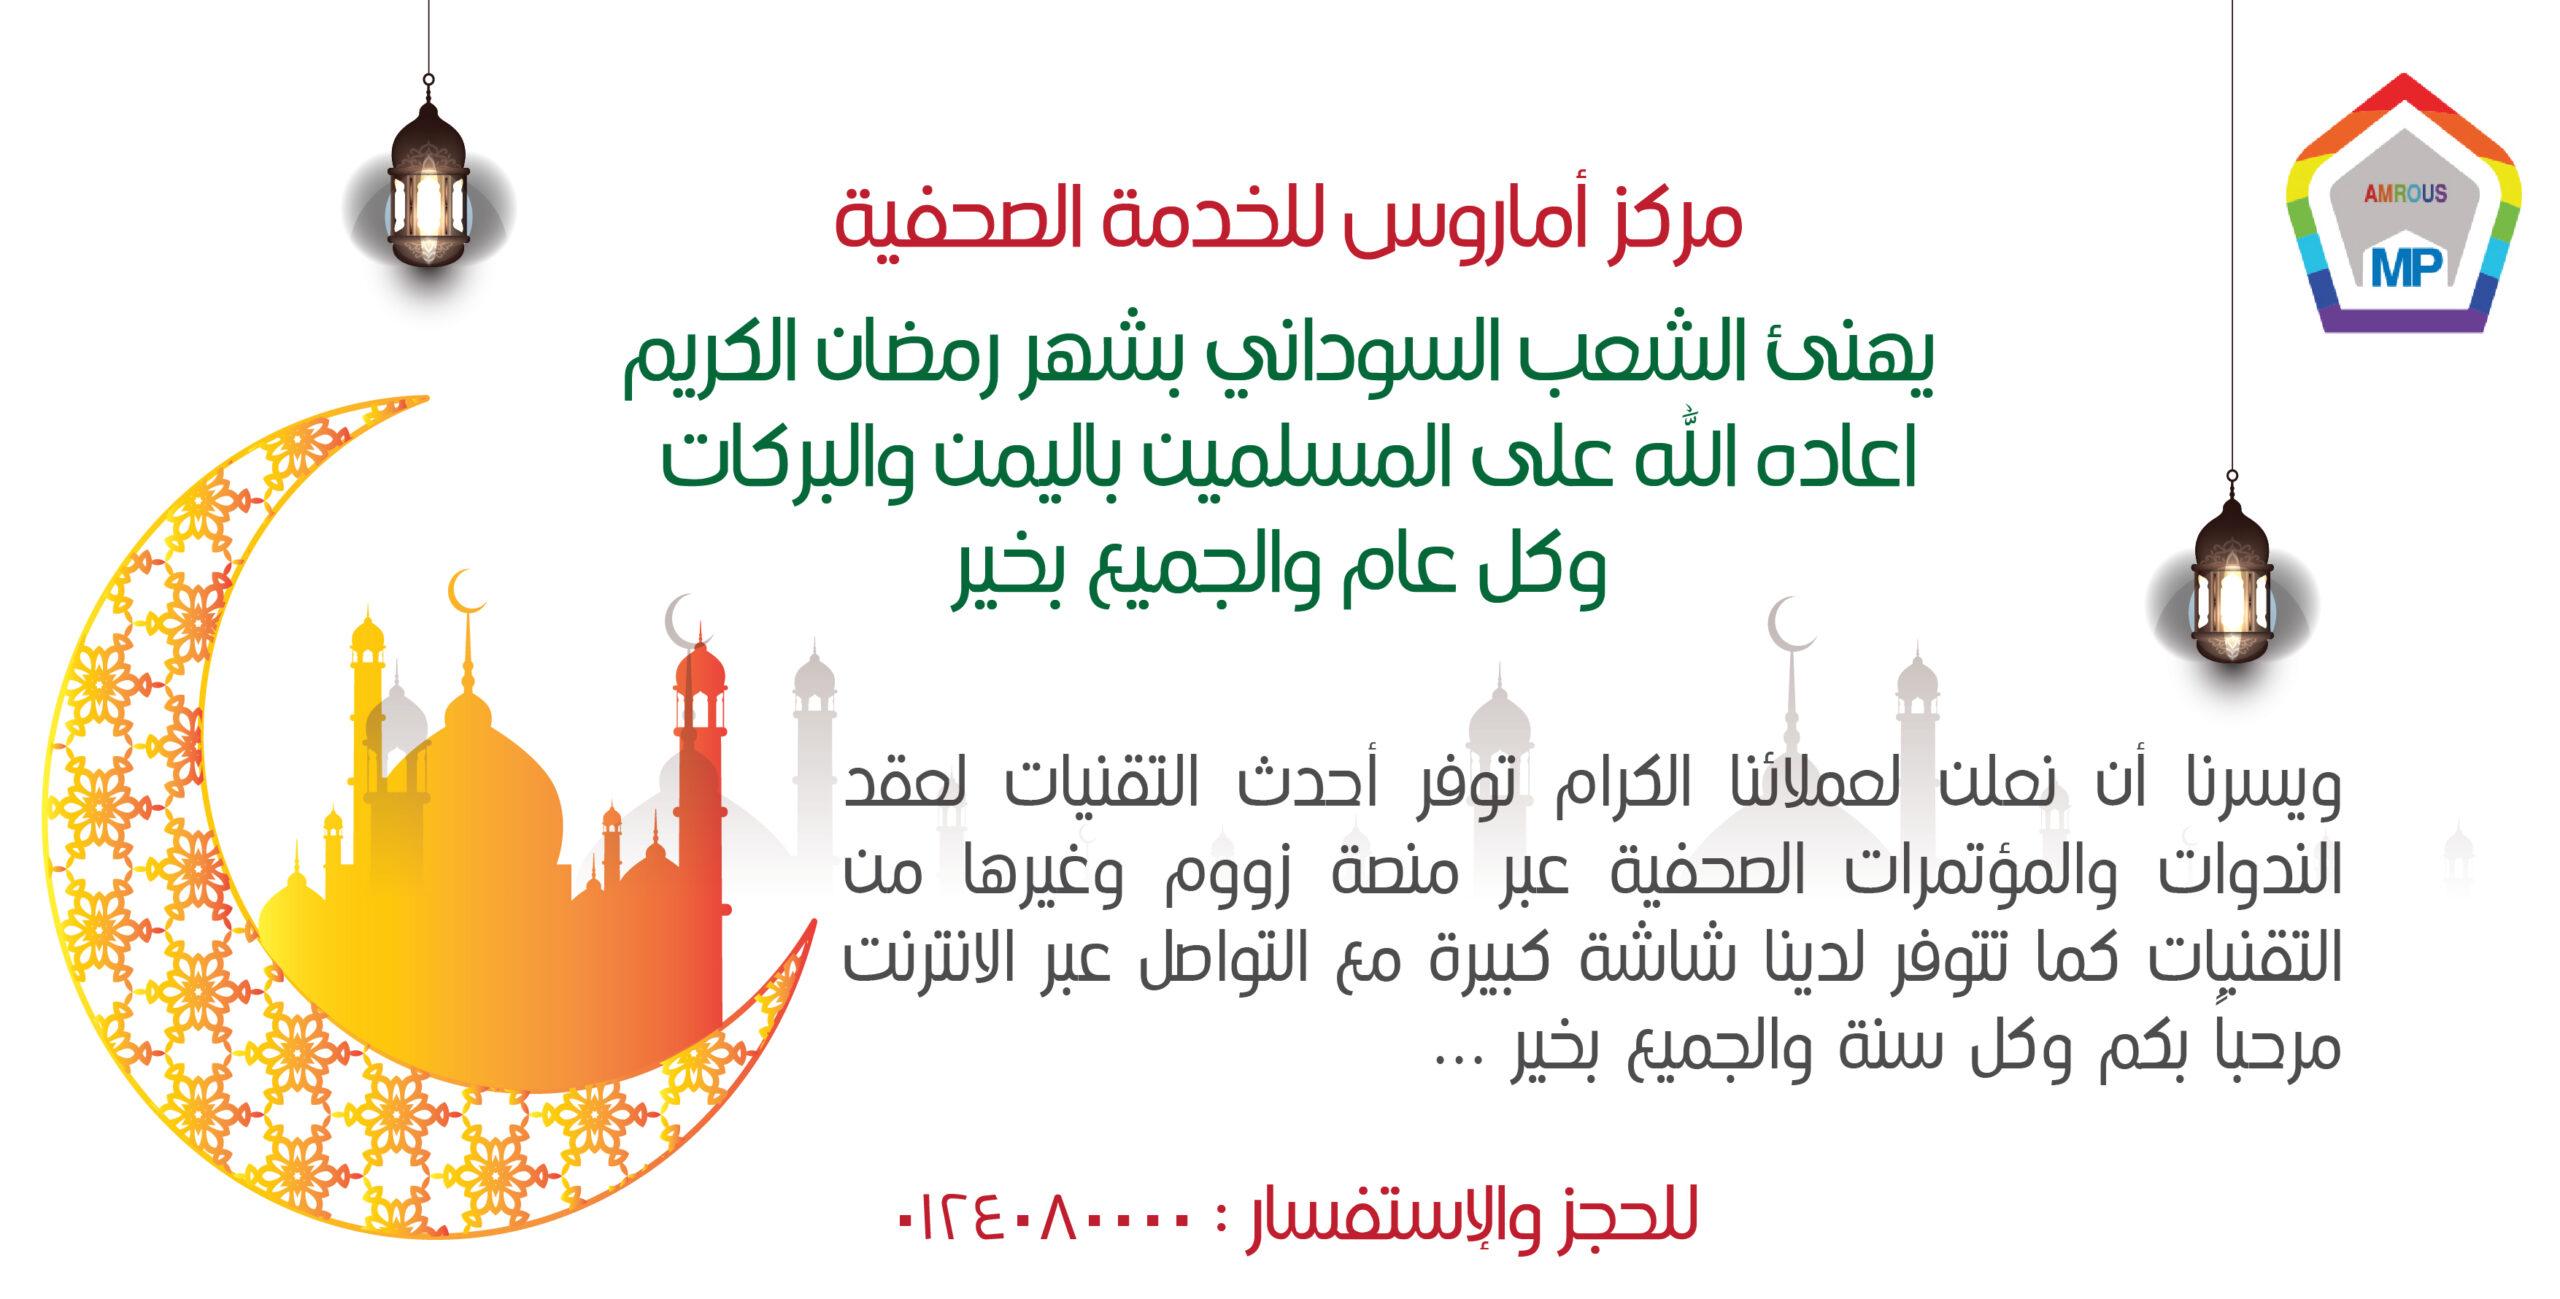 -رمضان-01-01-01-01-01-01-scaled.jpg